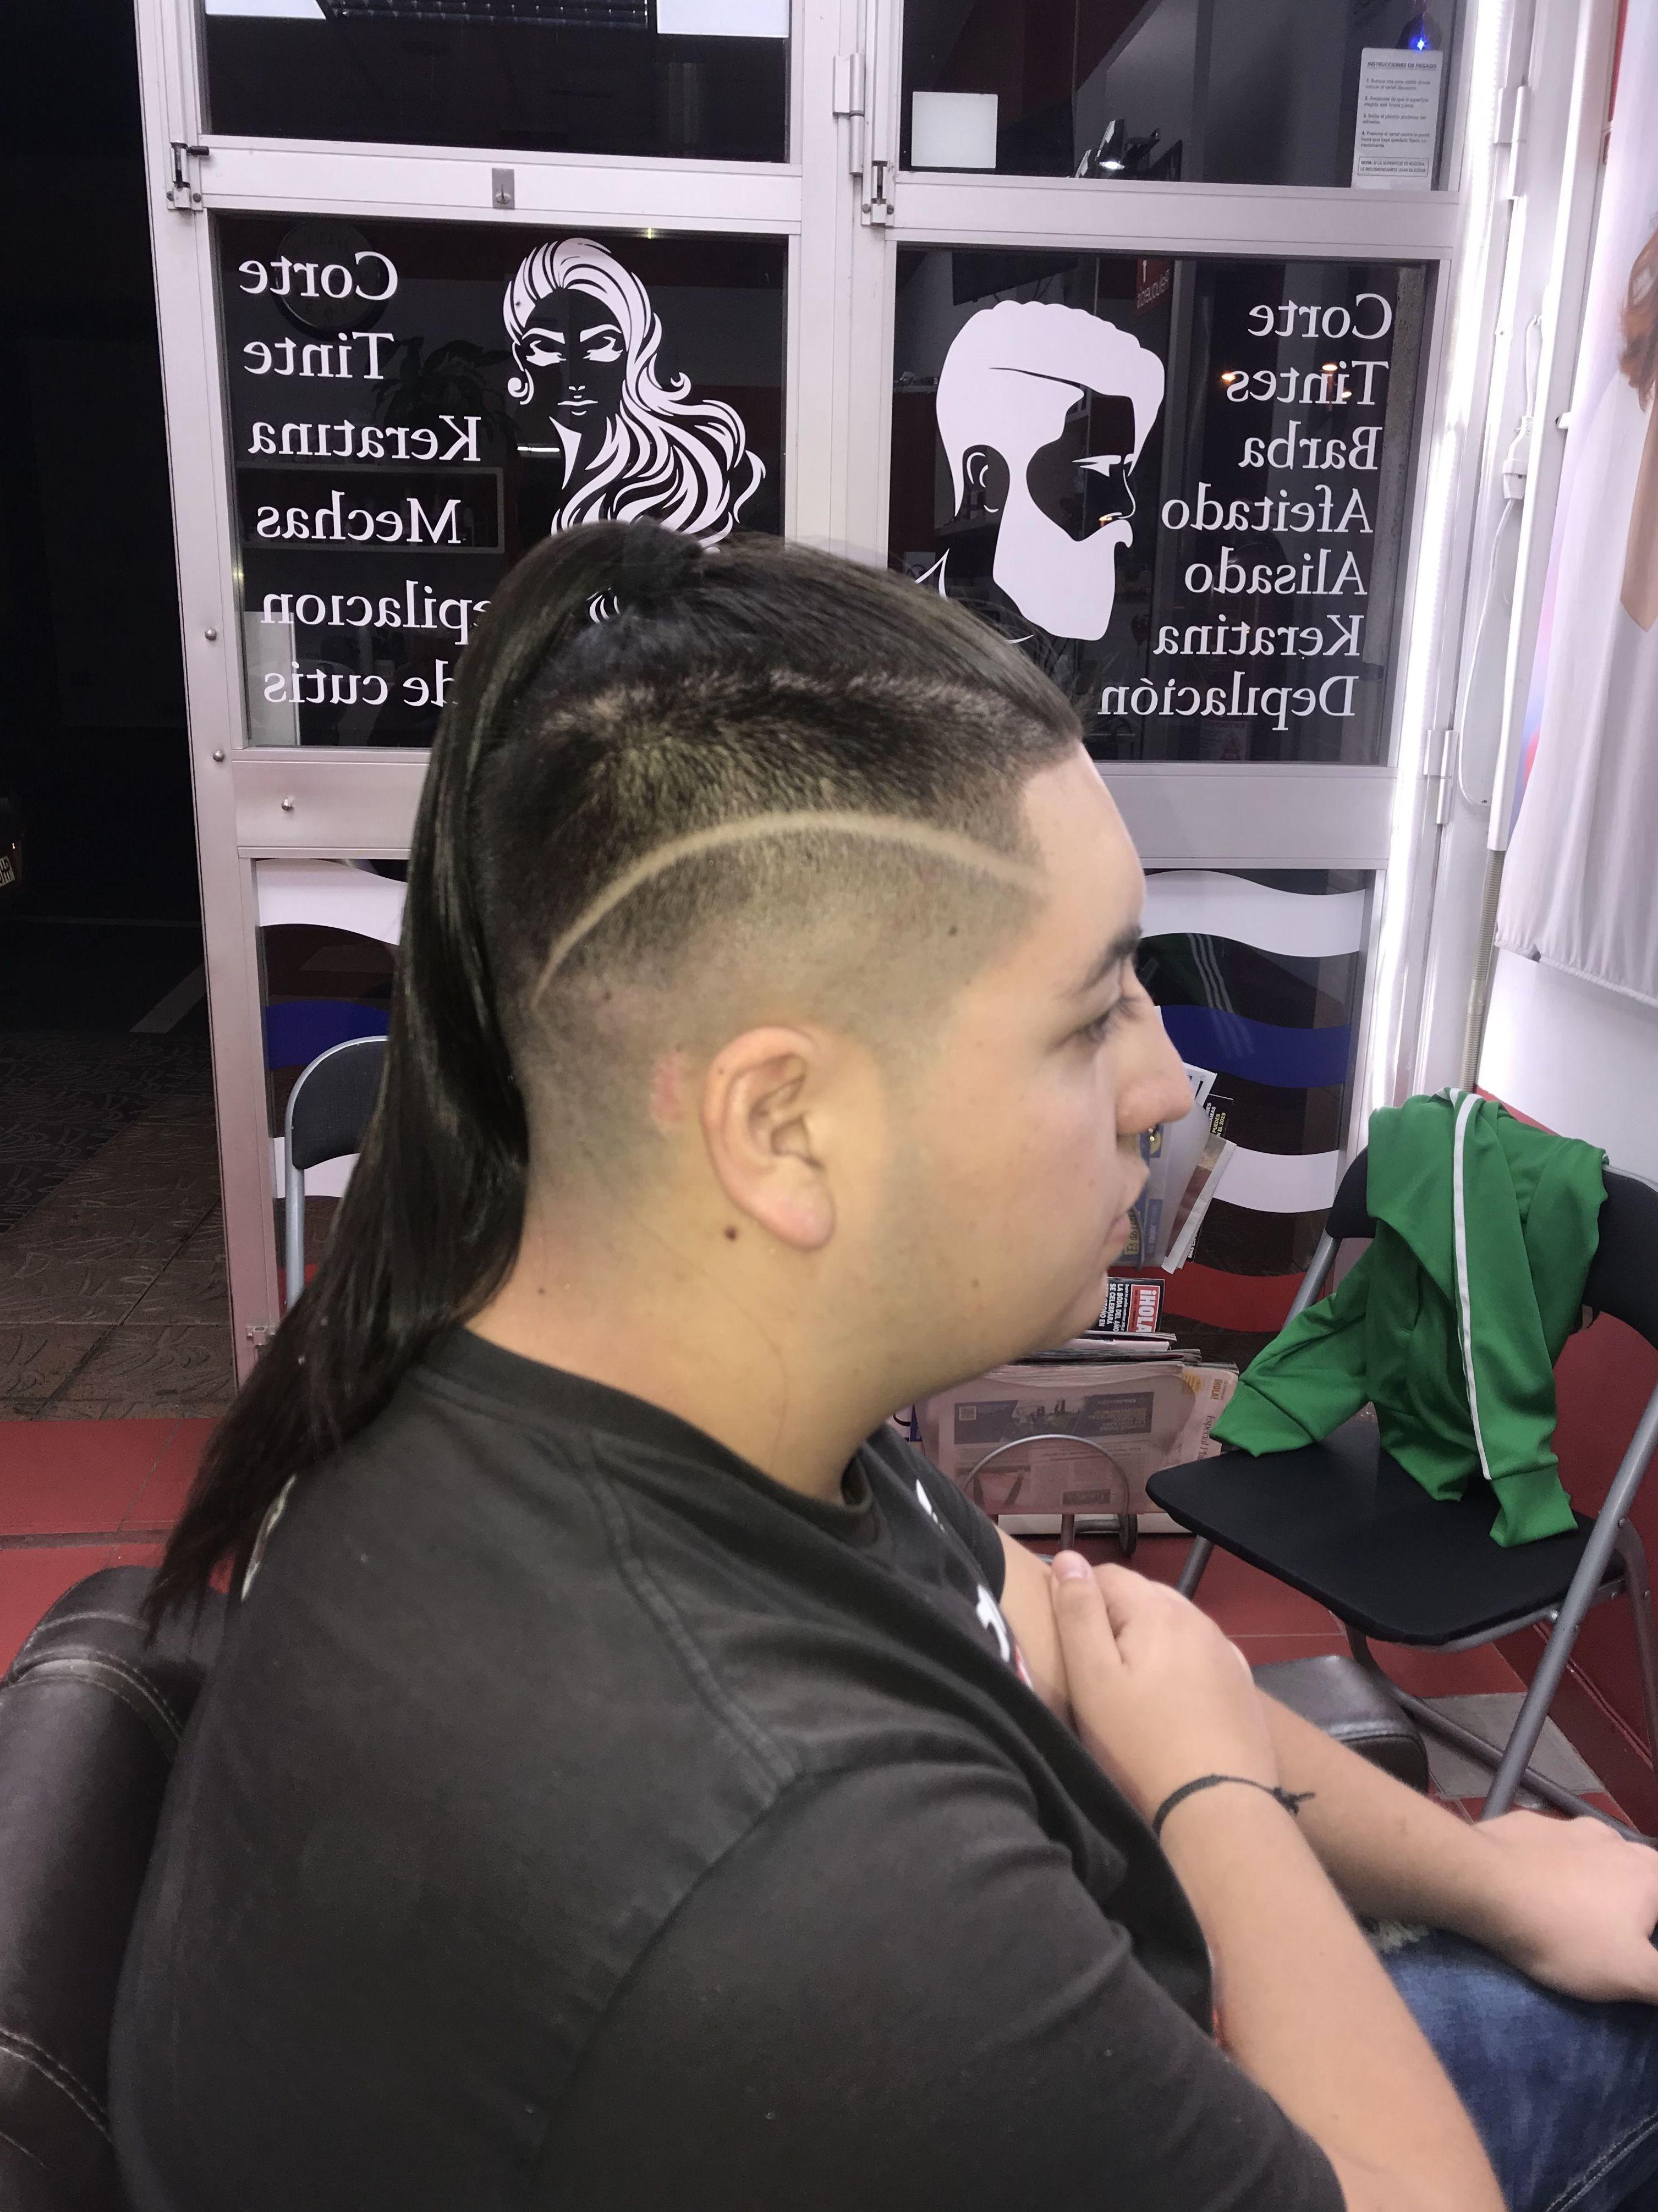 Foto 12 de Peluquería unisex y barbería en  | Janlet Barber Shop Unisex